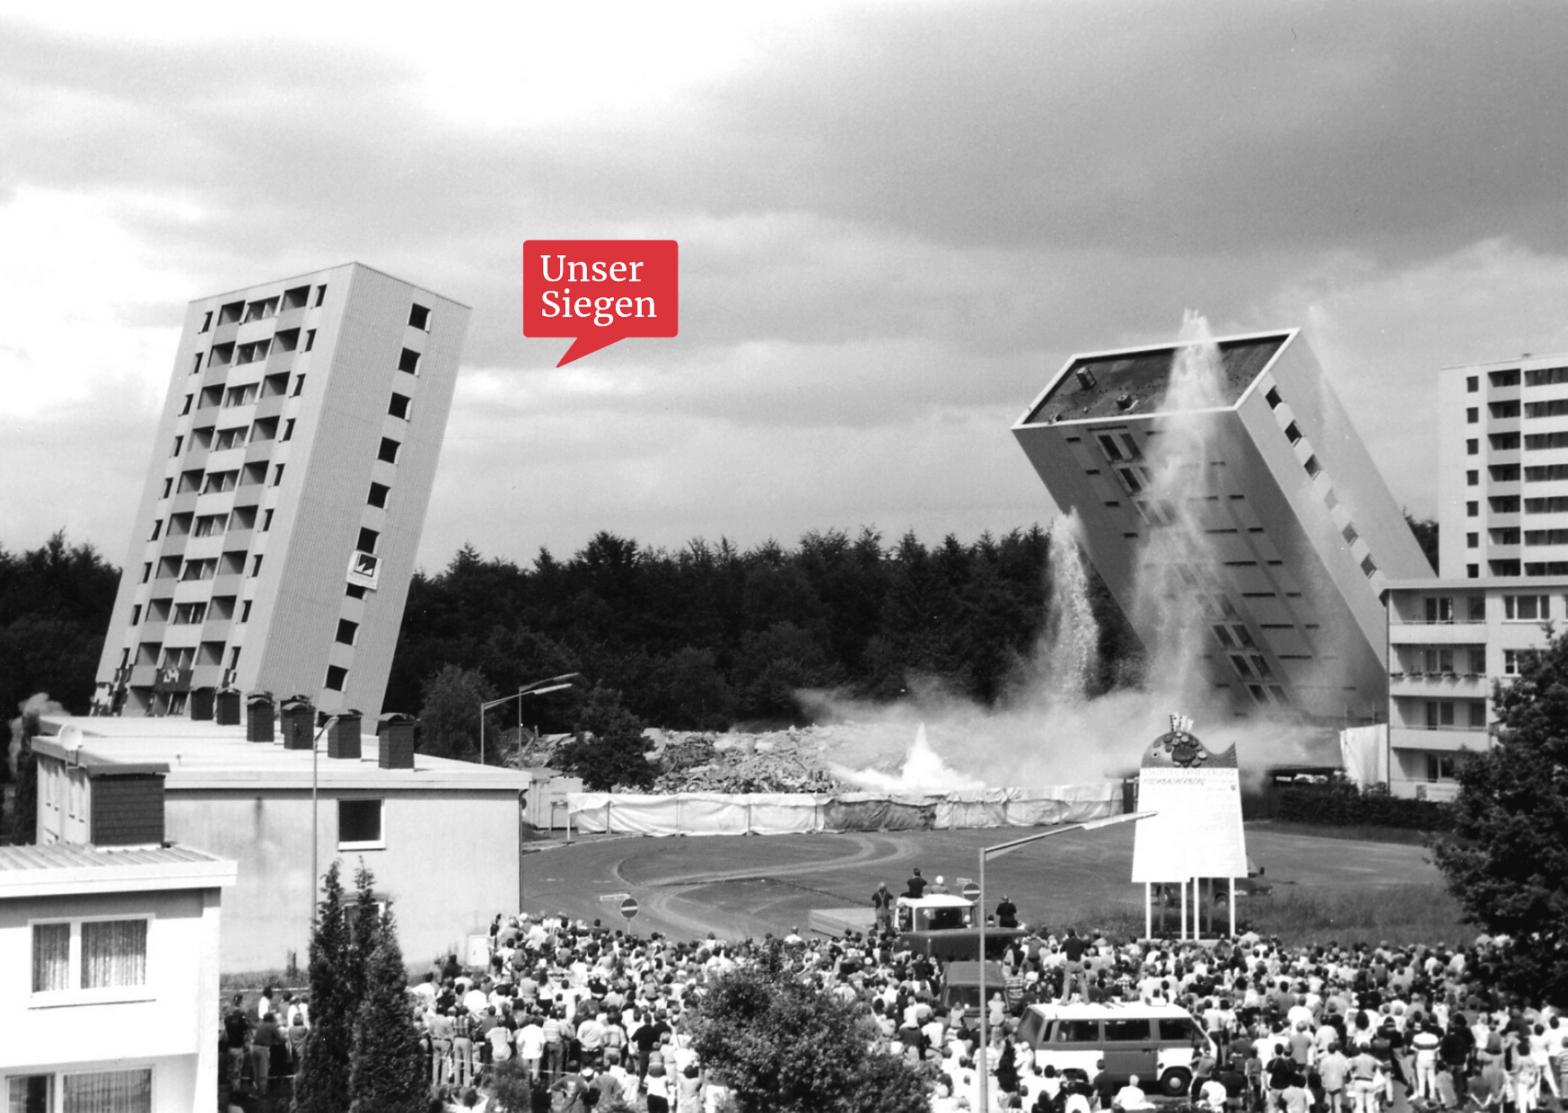 Schwarz-weiß-Foto von 1999, zwei Hochhäuser werden gesprengt und fallen in sich zusammen. Mit freundlicher Genehmigung vom Stadtteilbüro Fischbacherberg in Siegen.